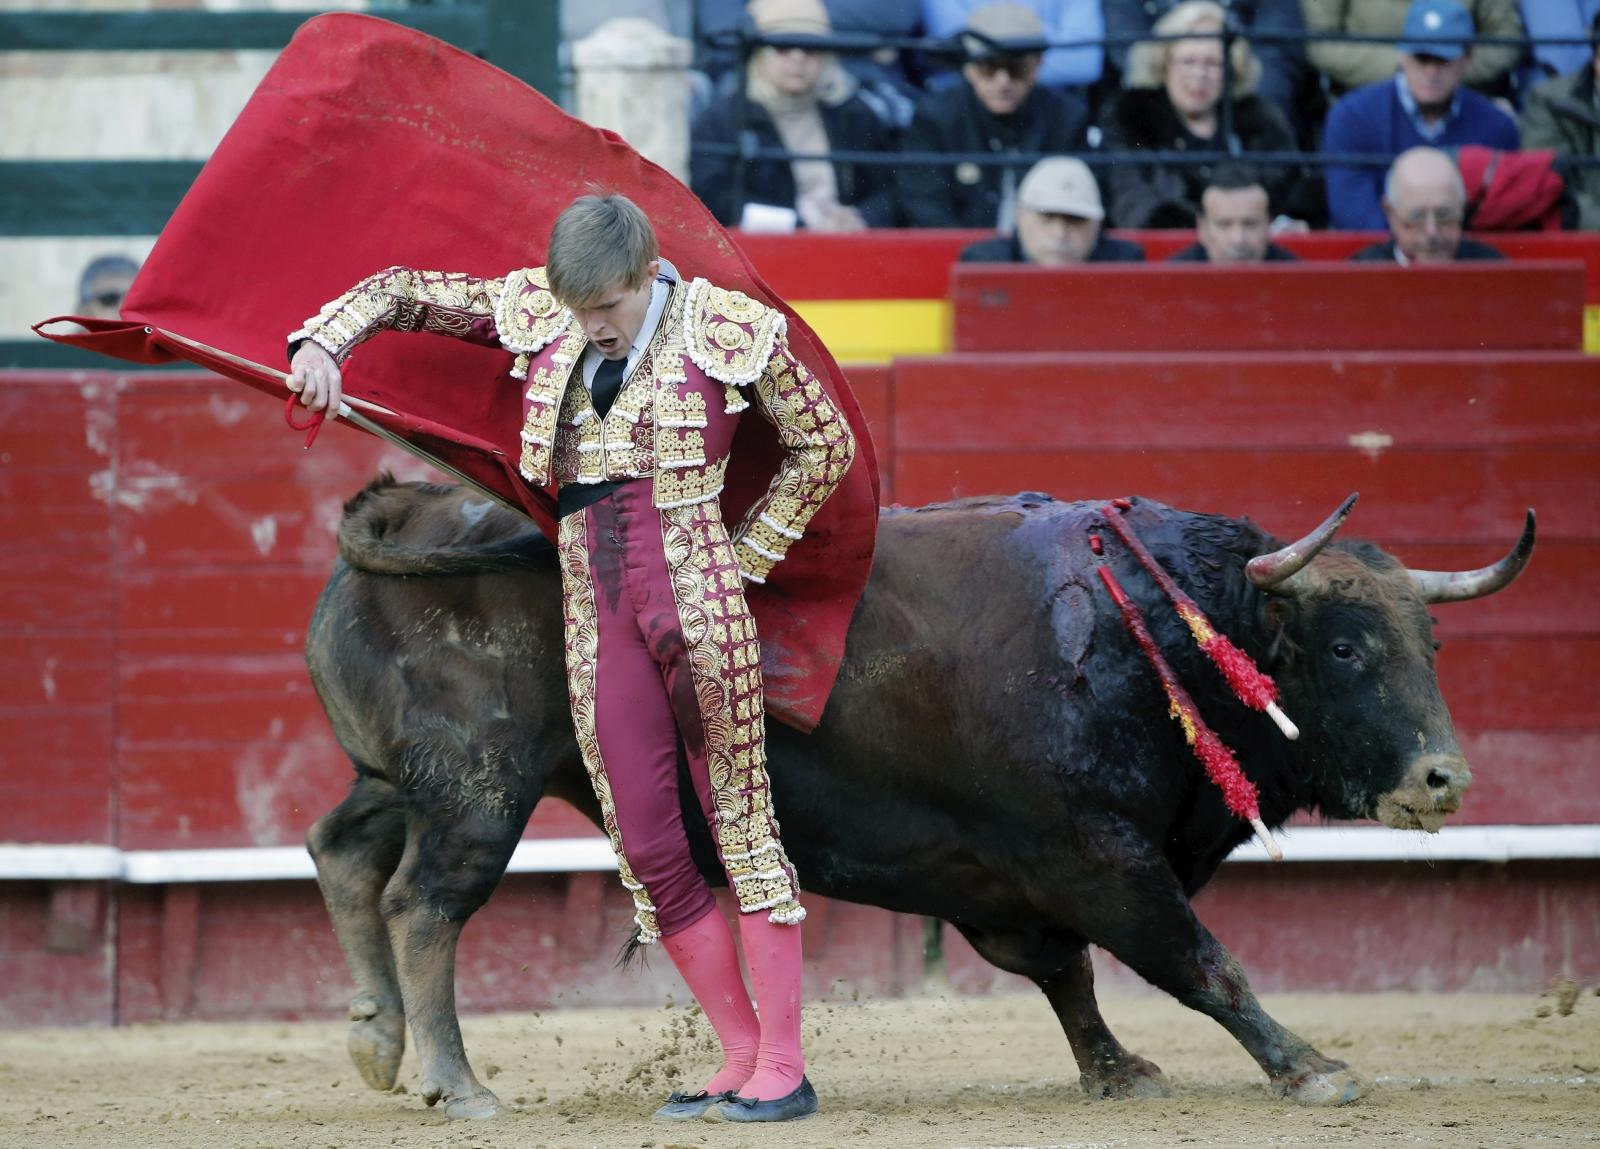 Hiszpański torreador Javier Jimenez mierzy się ze swoim pierwszym bykiem w czasie Święta Ognia, Walencja, Hiszpania.